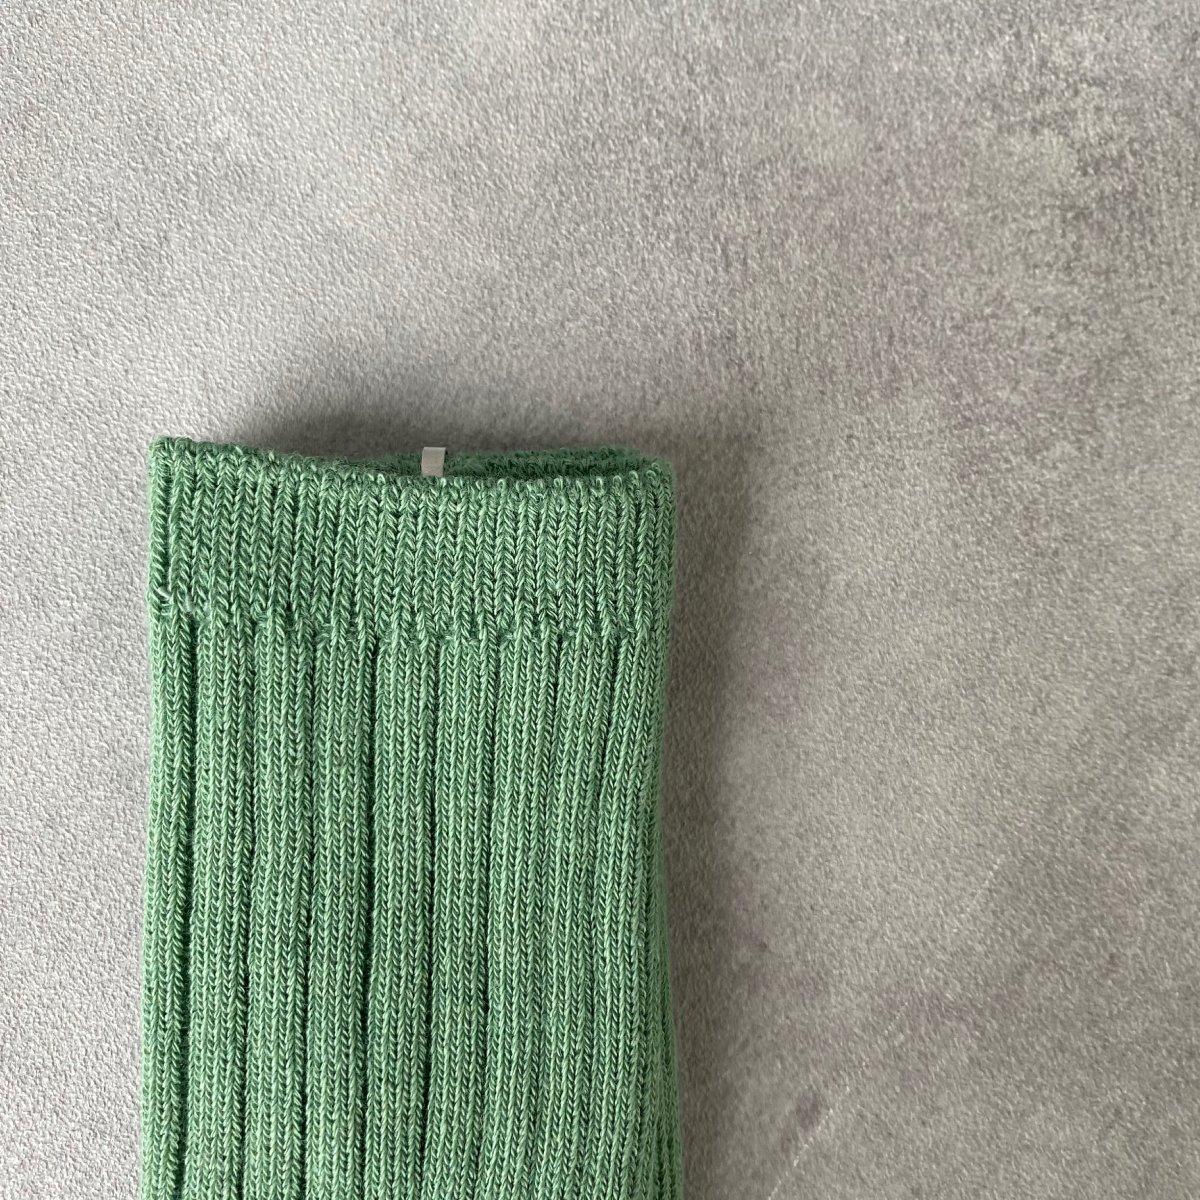 【KIDS】Pistachio Socks 詳細画像12